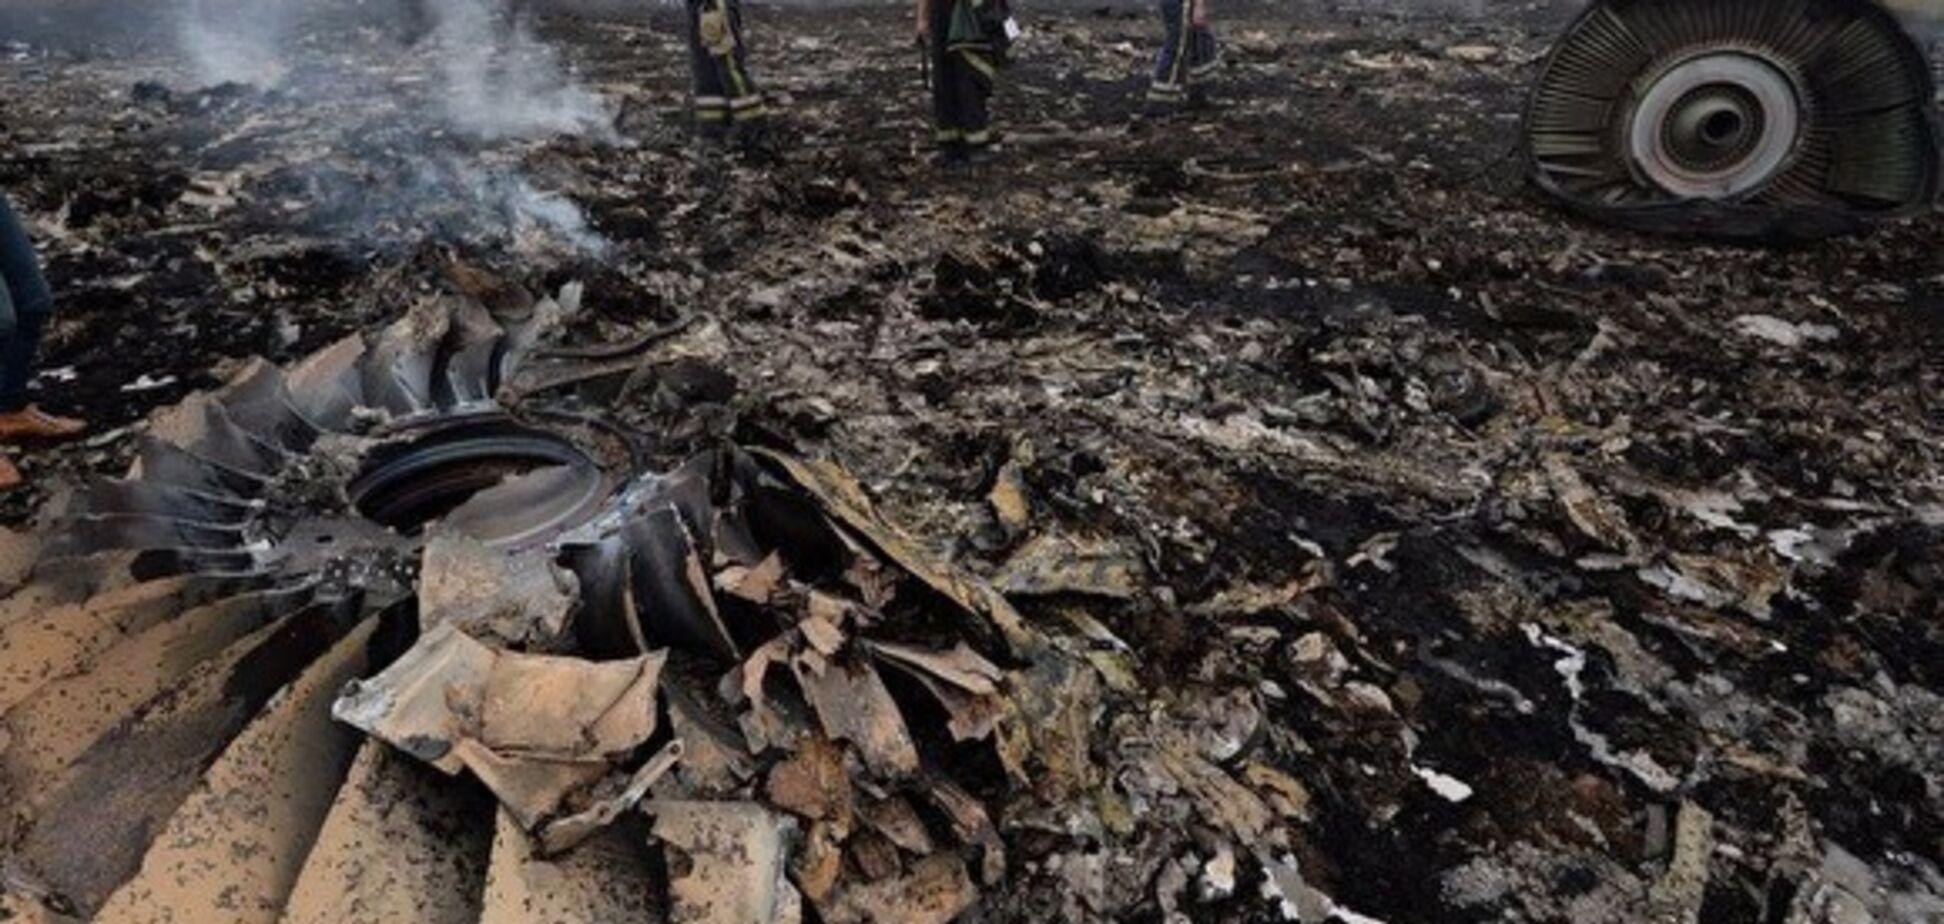 Обмен пленными: Bellingcat связал скандал с крушением Boeing